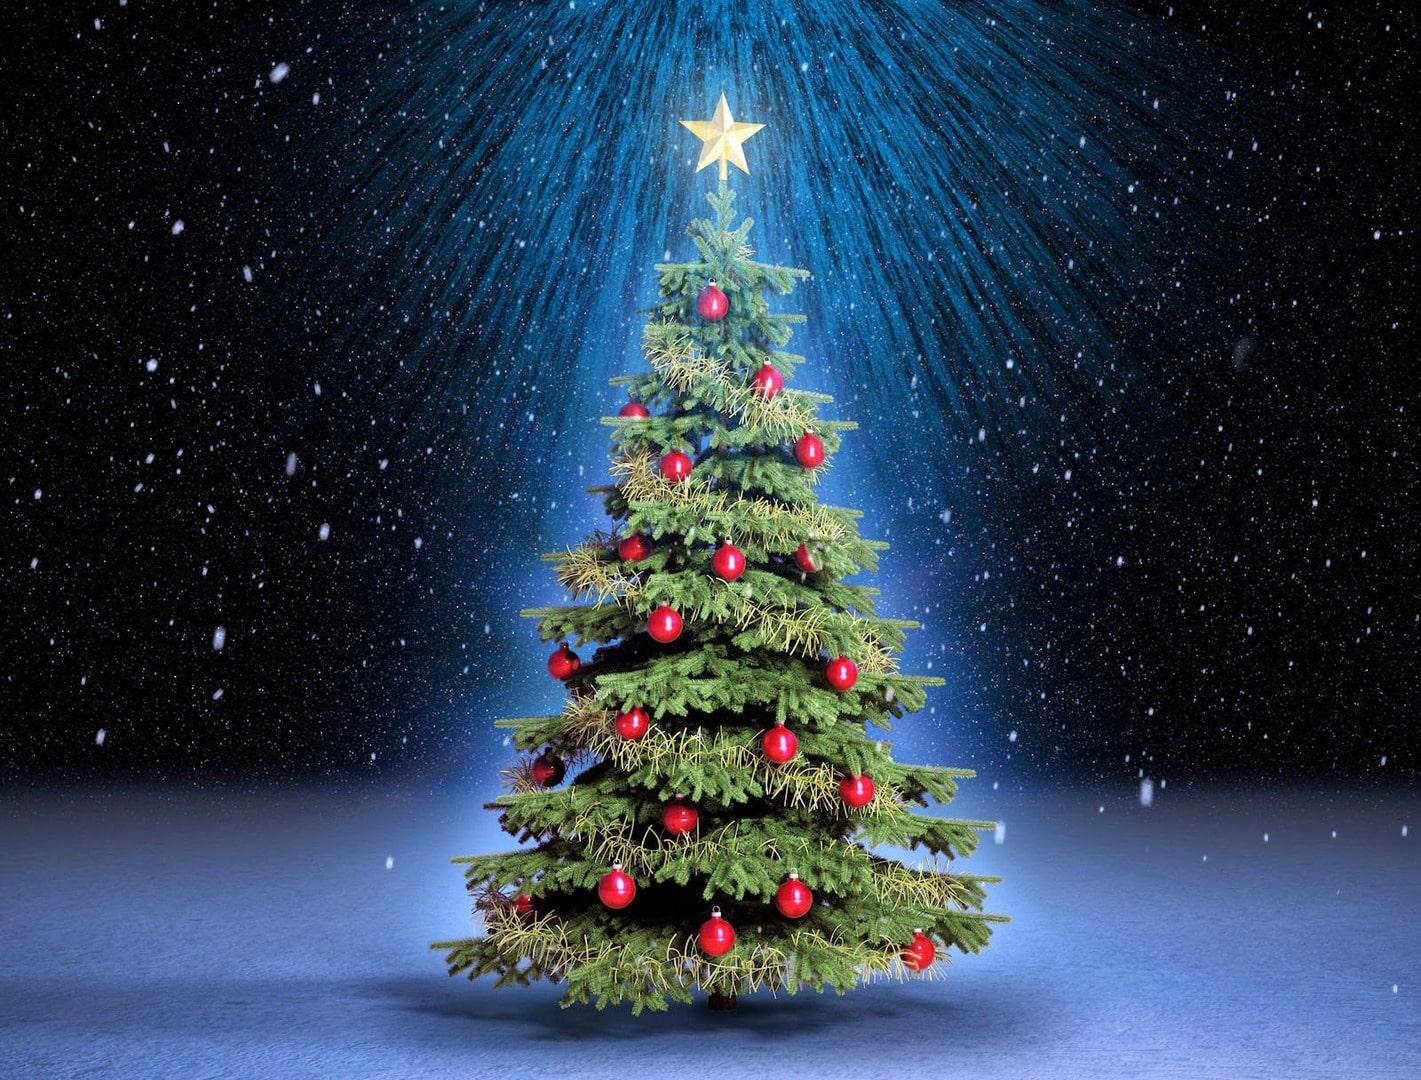 Nochebuena y Navidad, unas fiestas entrañables